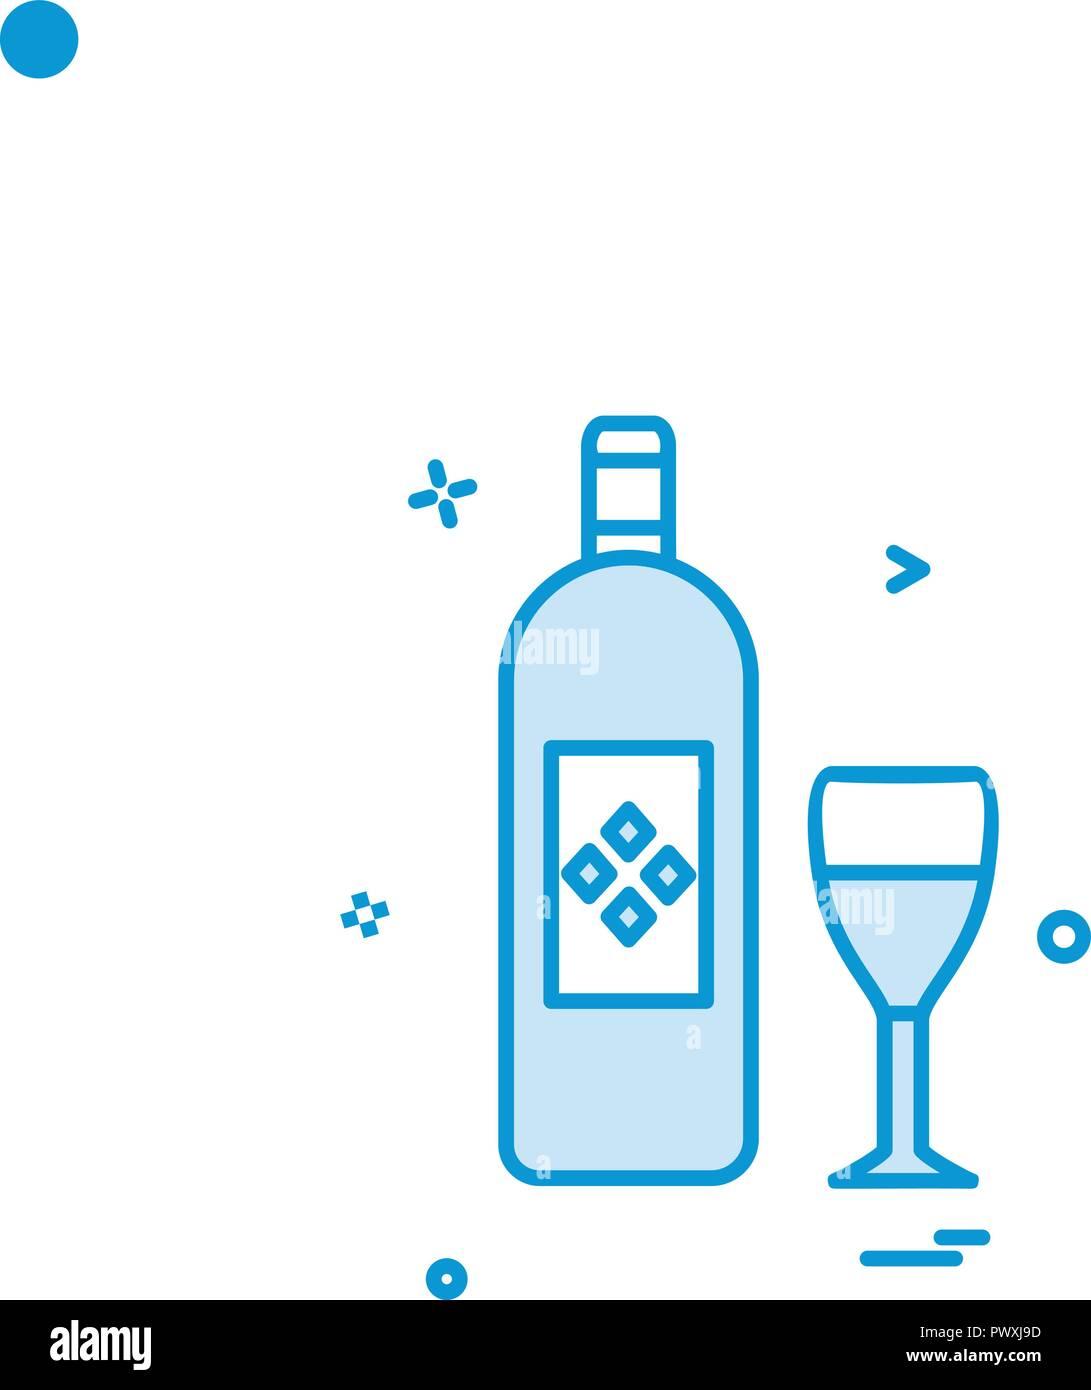 verre bouteille verre design vecteur icône vecteurs et illustration